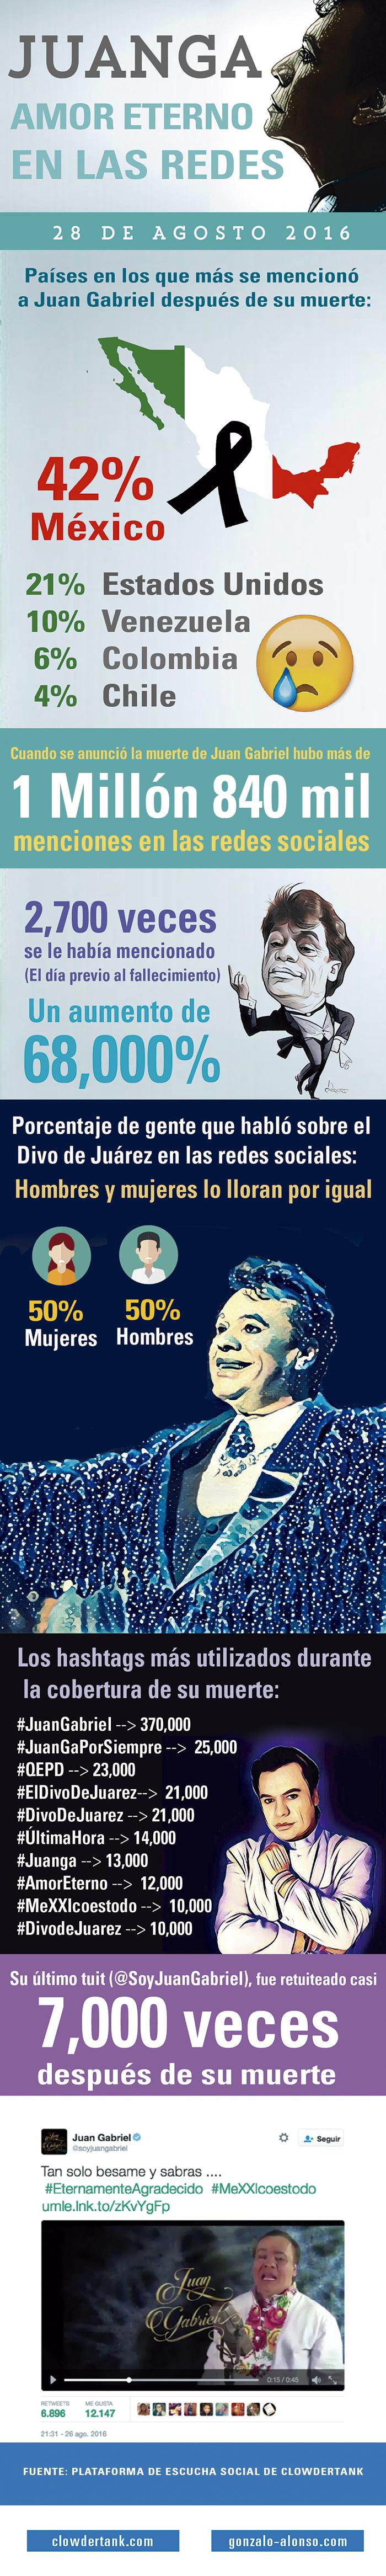 infografía: Las redes sociales despiden a Juan Gabriel